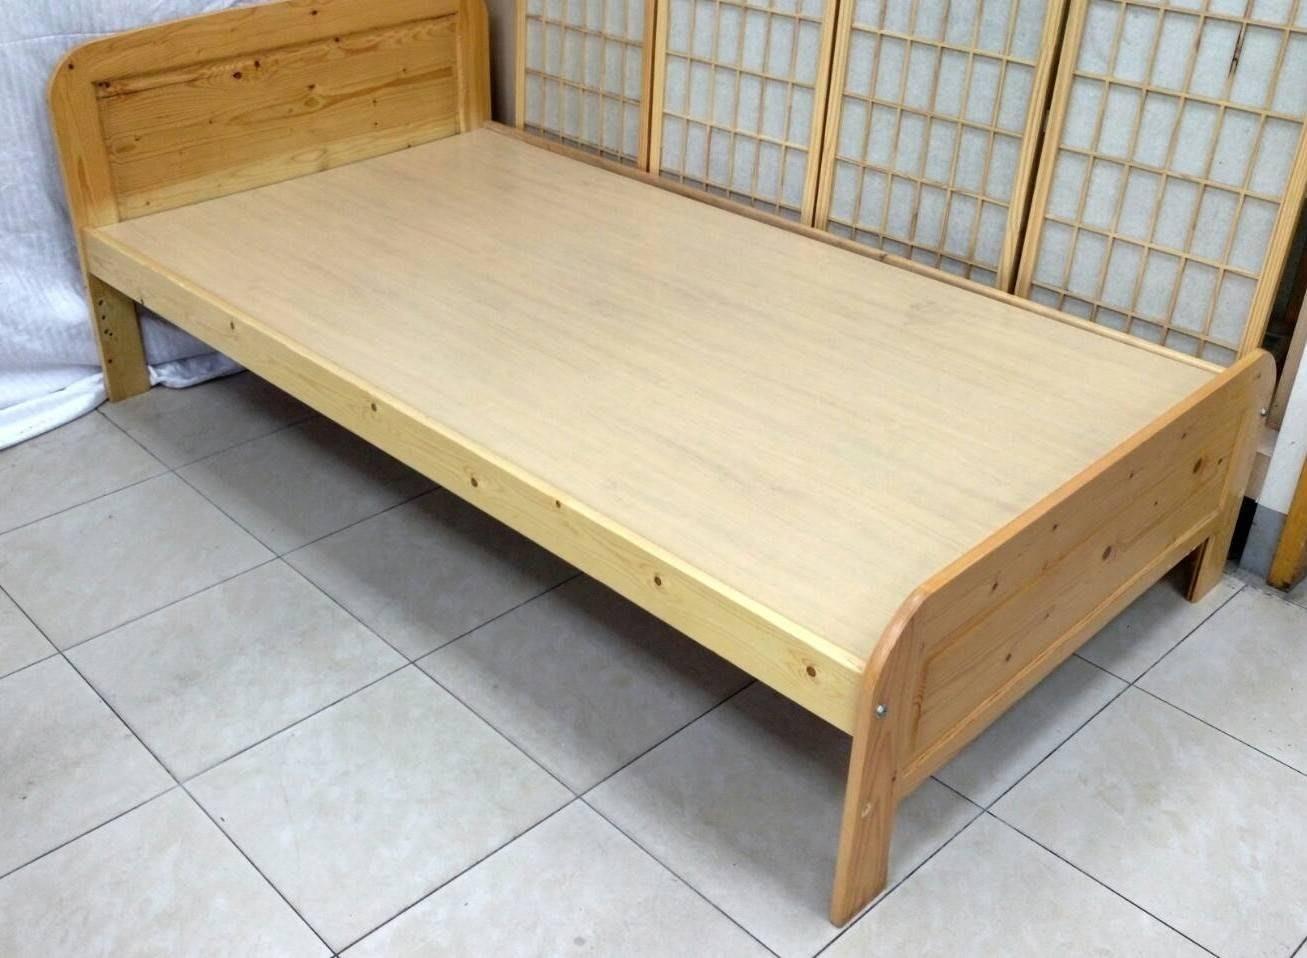 南投 二手家具 松木3.5尺床架 雙人床 單人床 草屯二手家具收購 上下床 高架床 遊戲床 嬰兒床 子母床 掀床